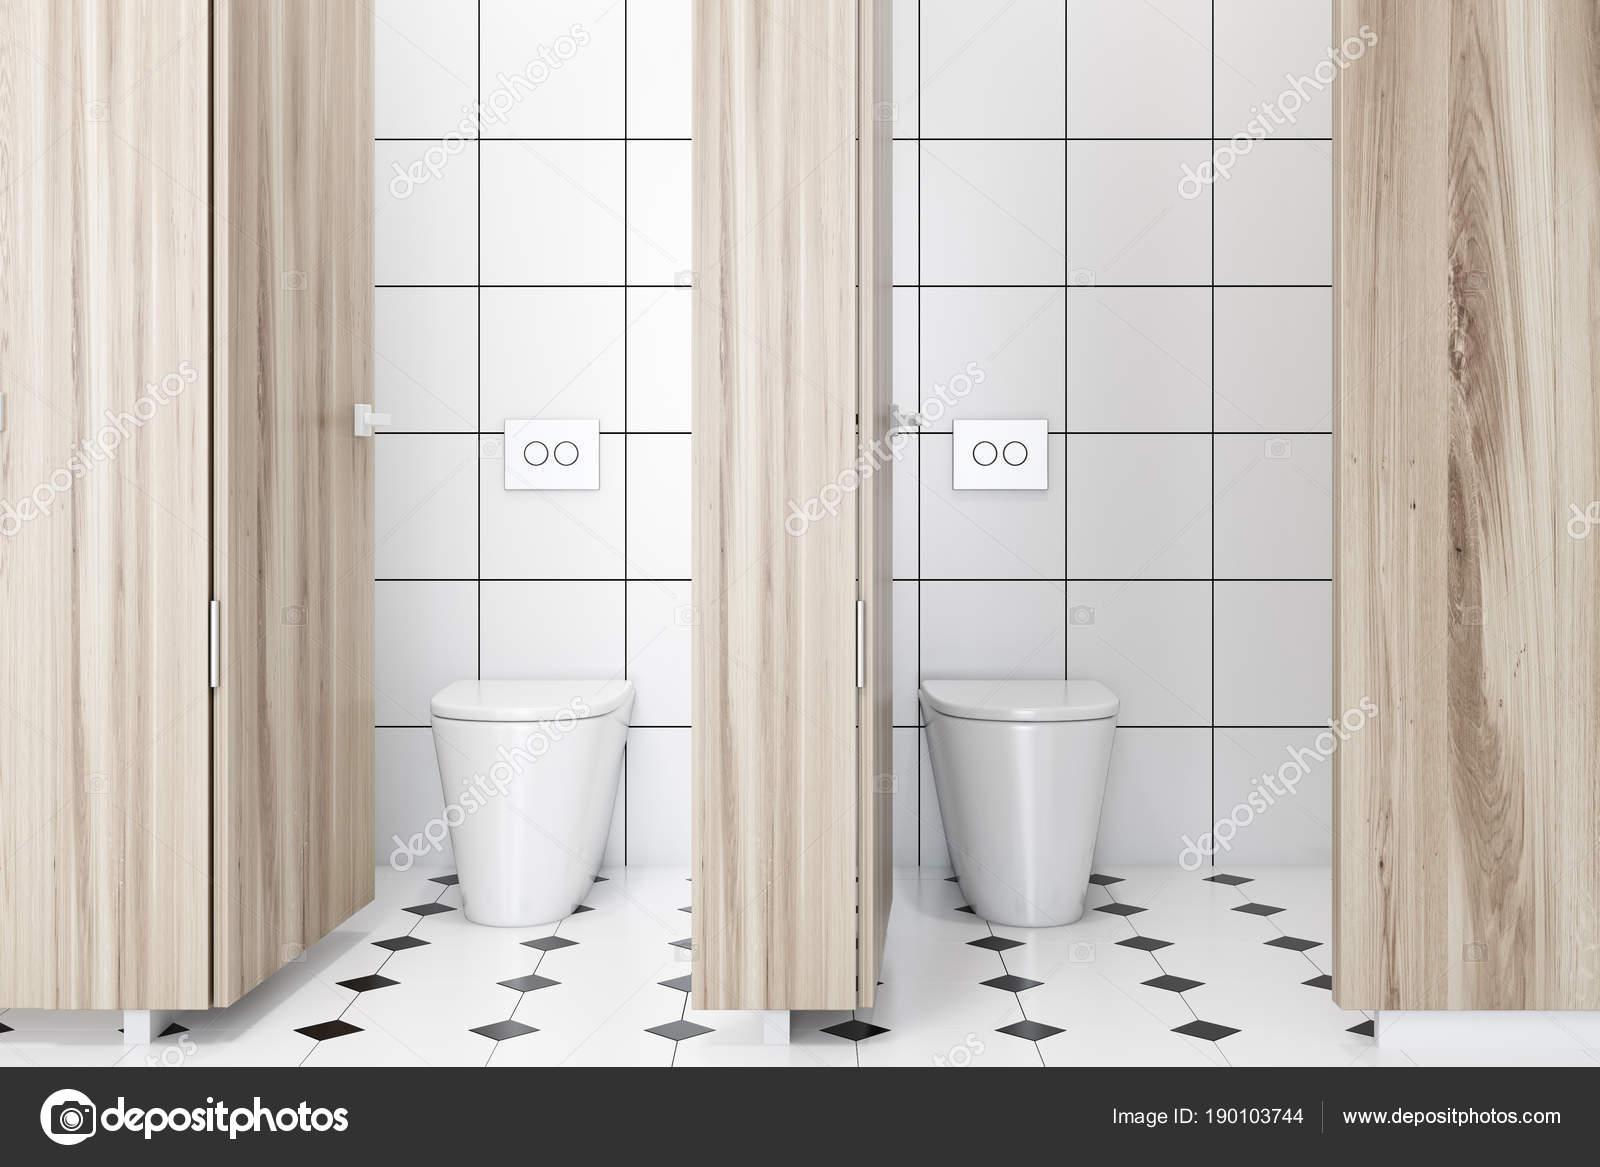 Houten muur openbare toilet interieur betegelde vloer u2014 stockfoto